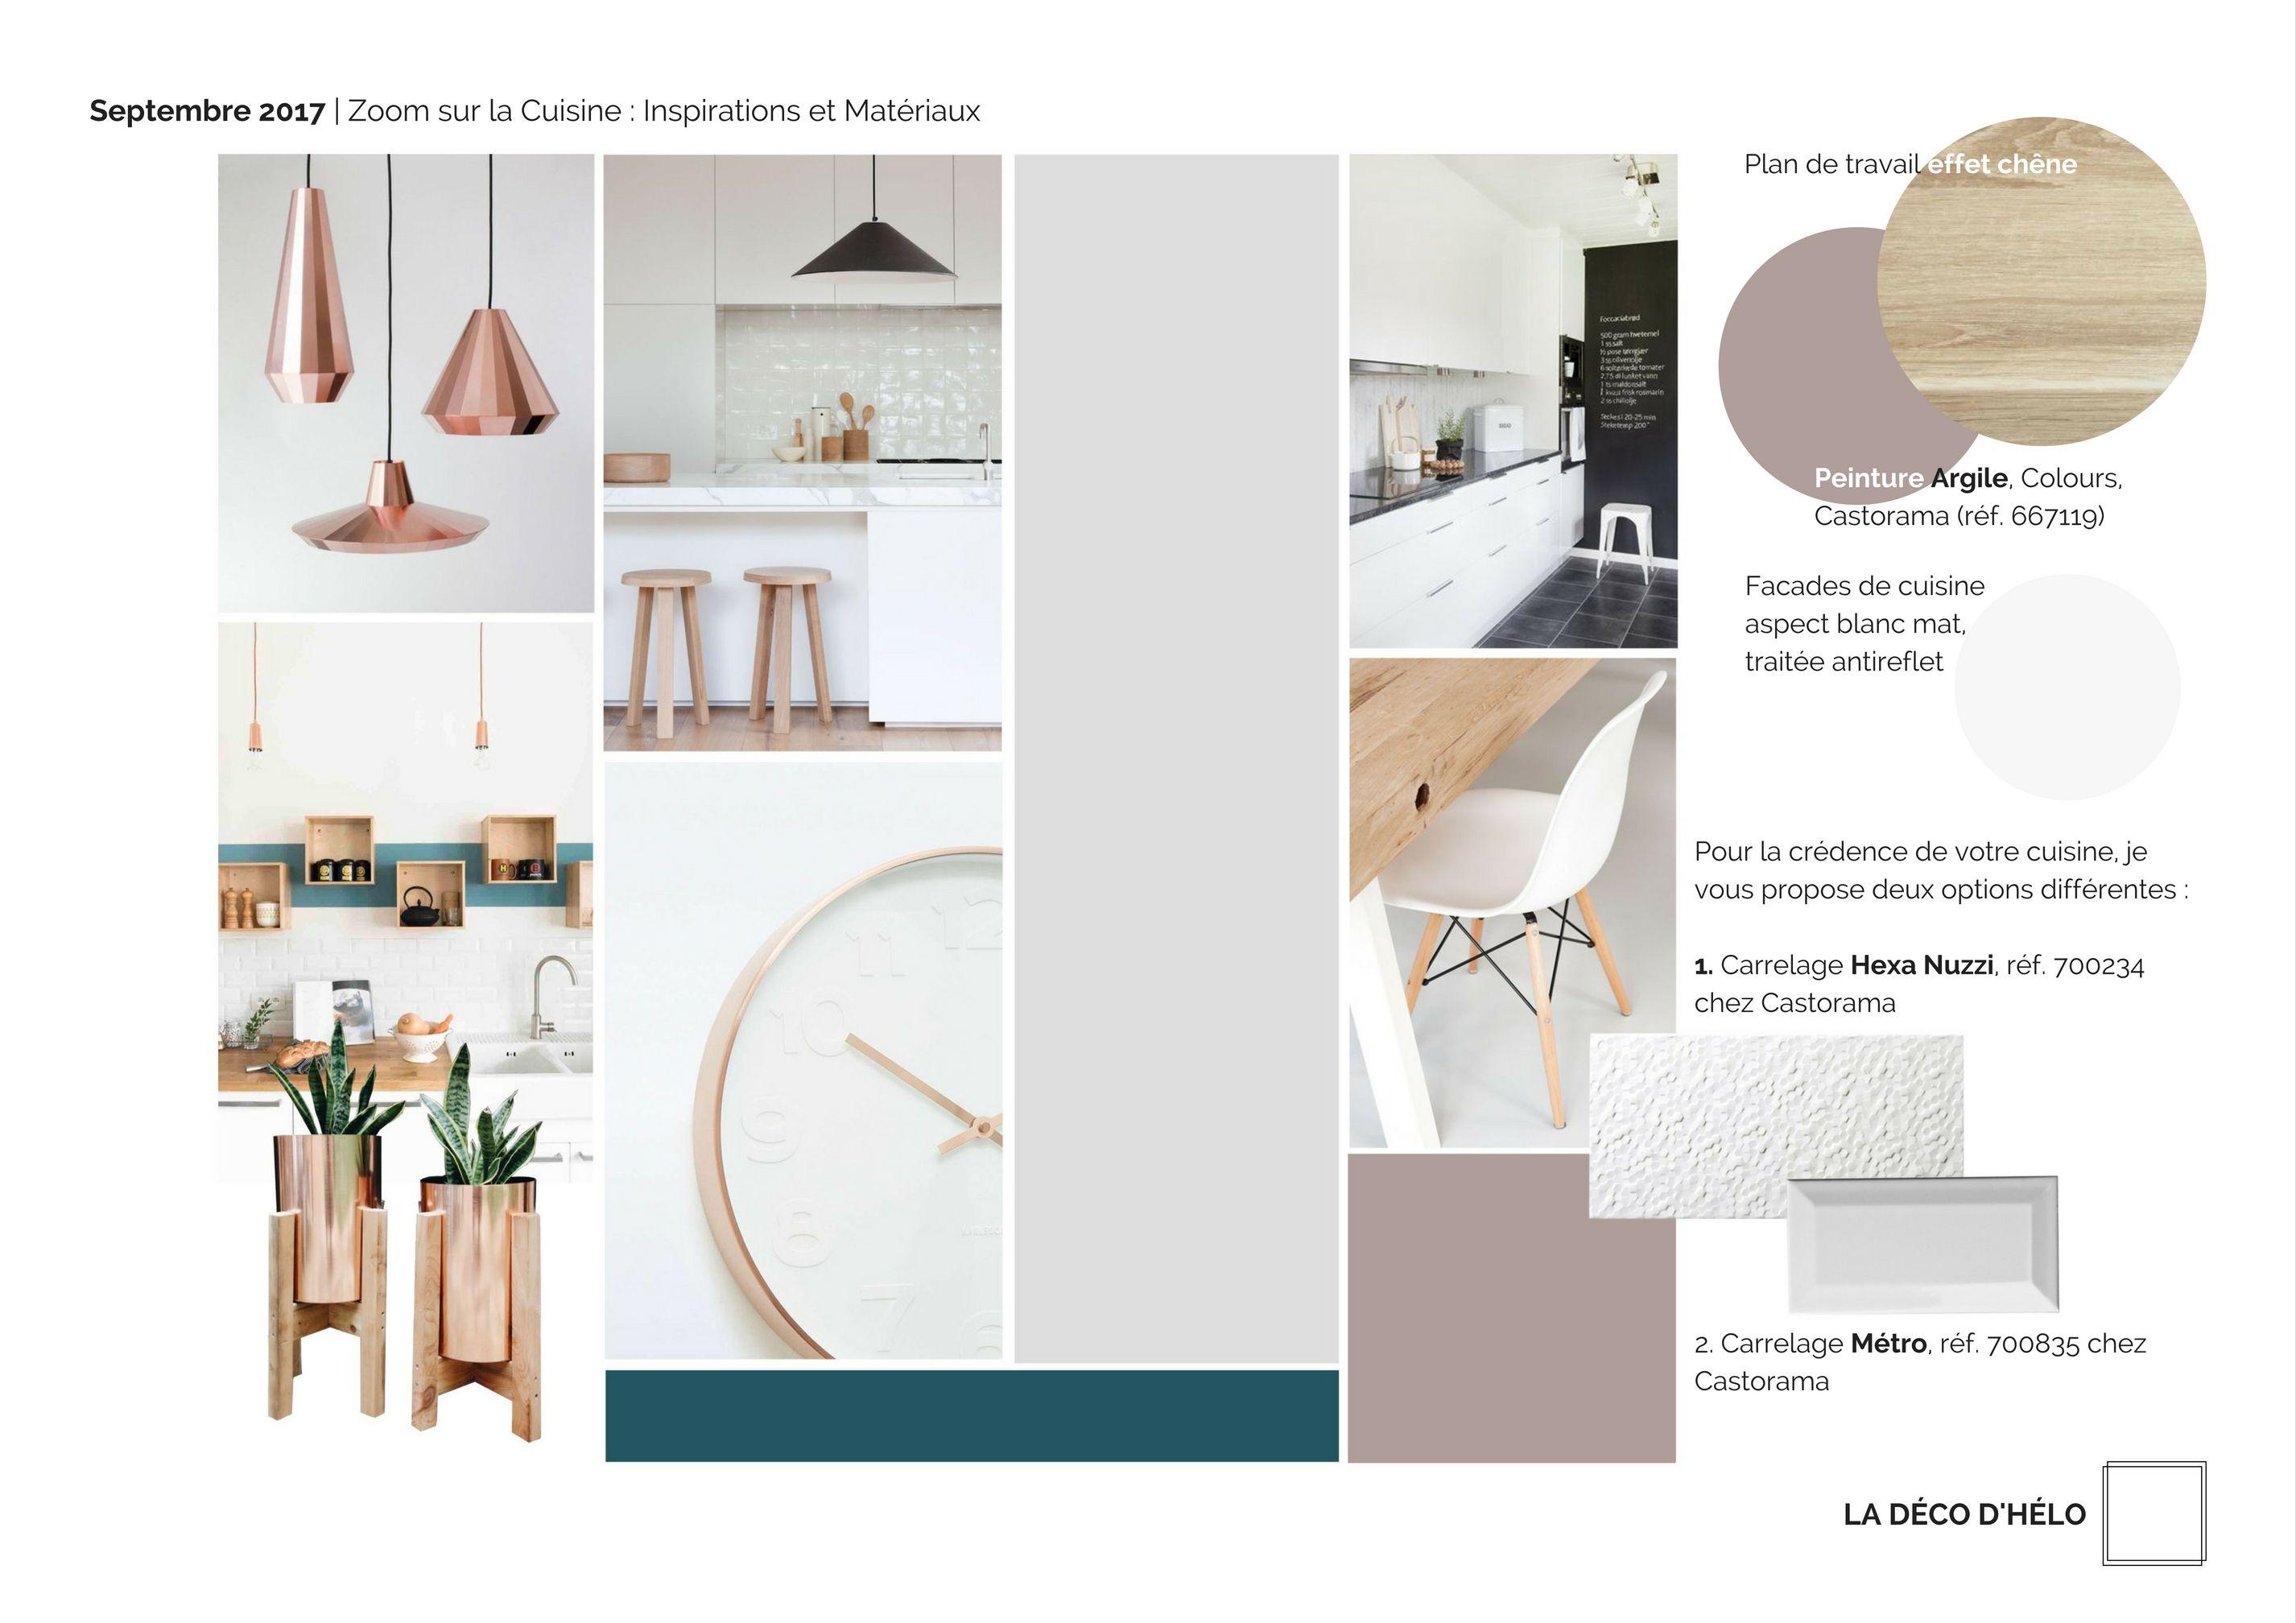 Planche D Inspiration Pour La Modernisation D Une Cuisine Ouverte Decorationinterieure Inspirationdesi Decoration Interieure Conseil Deco Inspiration Design